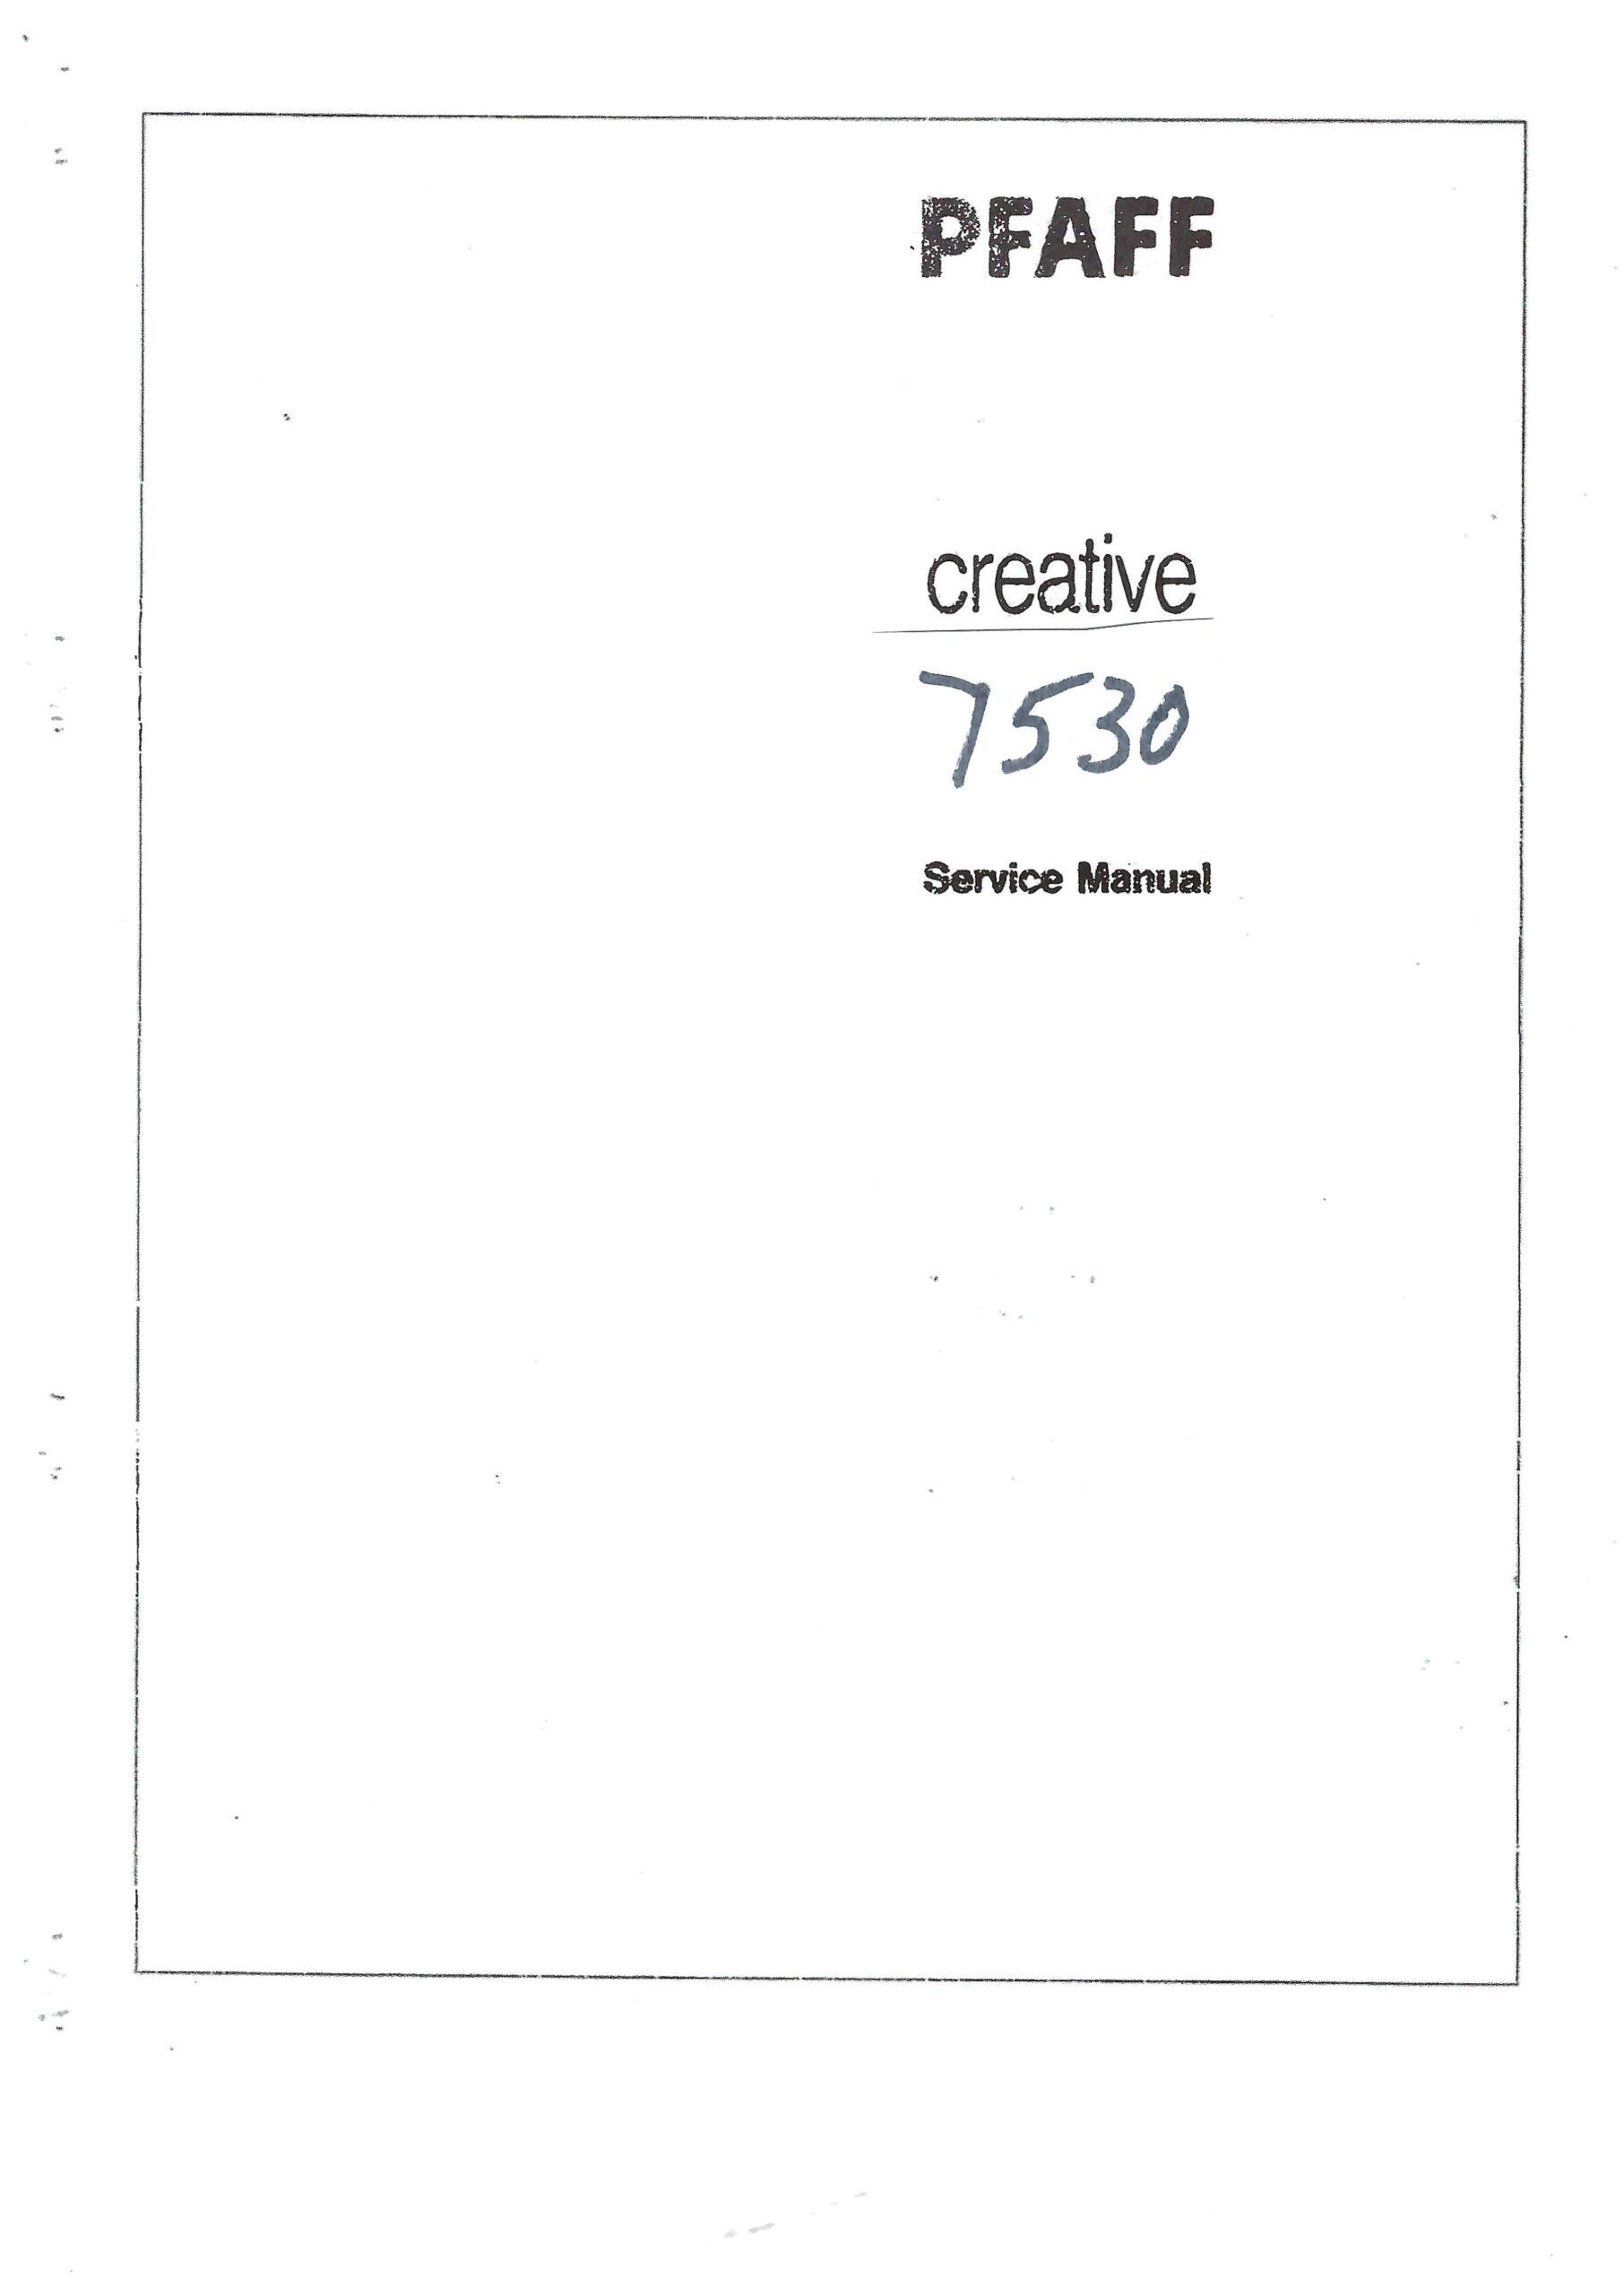 Service Manual Pfaff Creative 7530 Sewing Machine